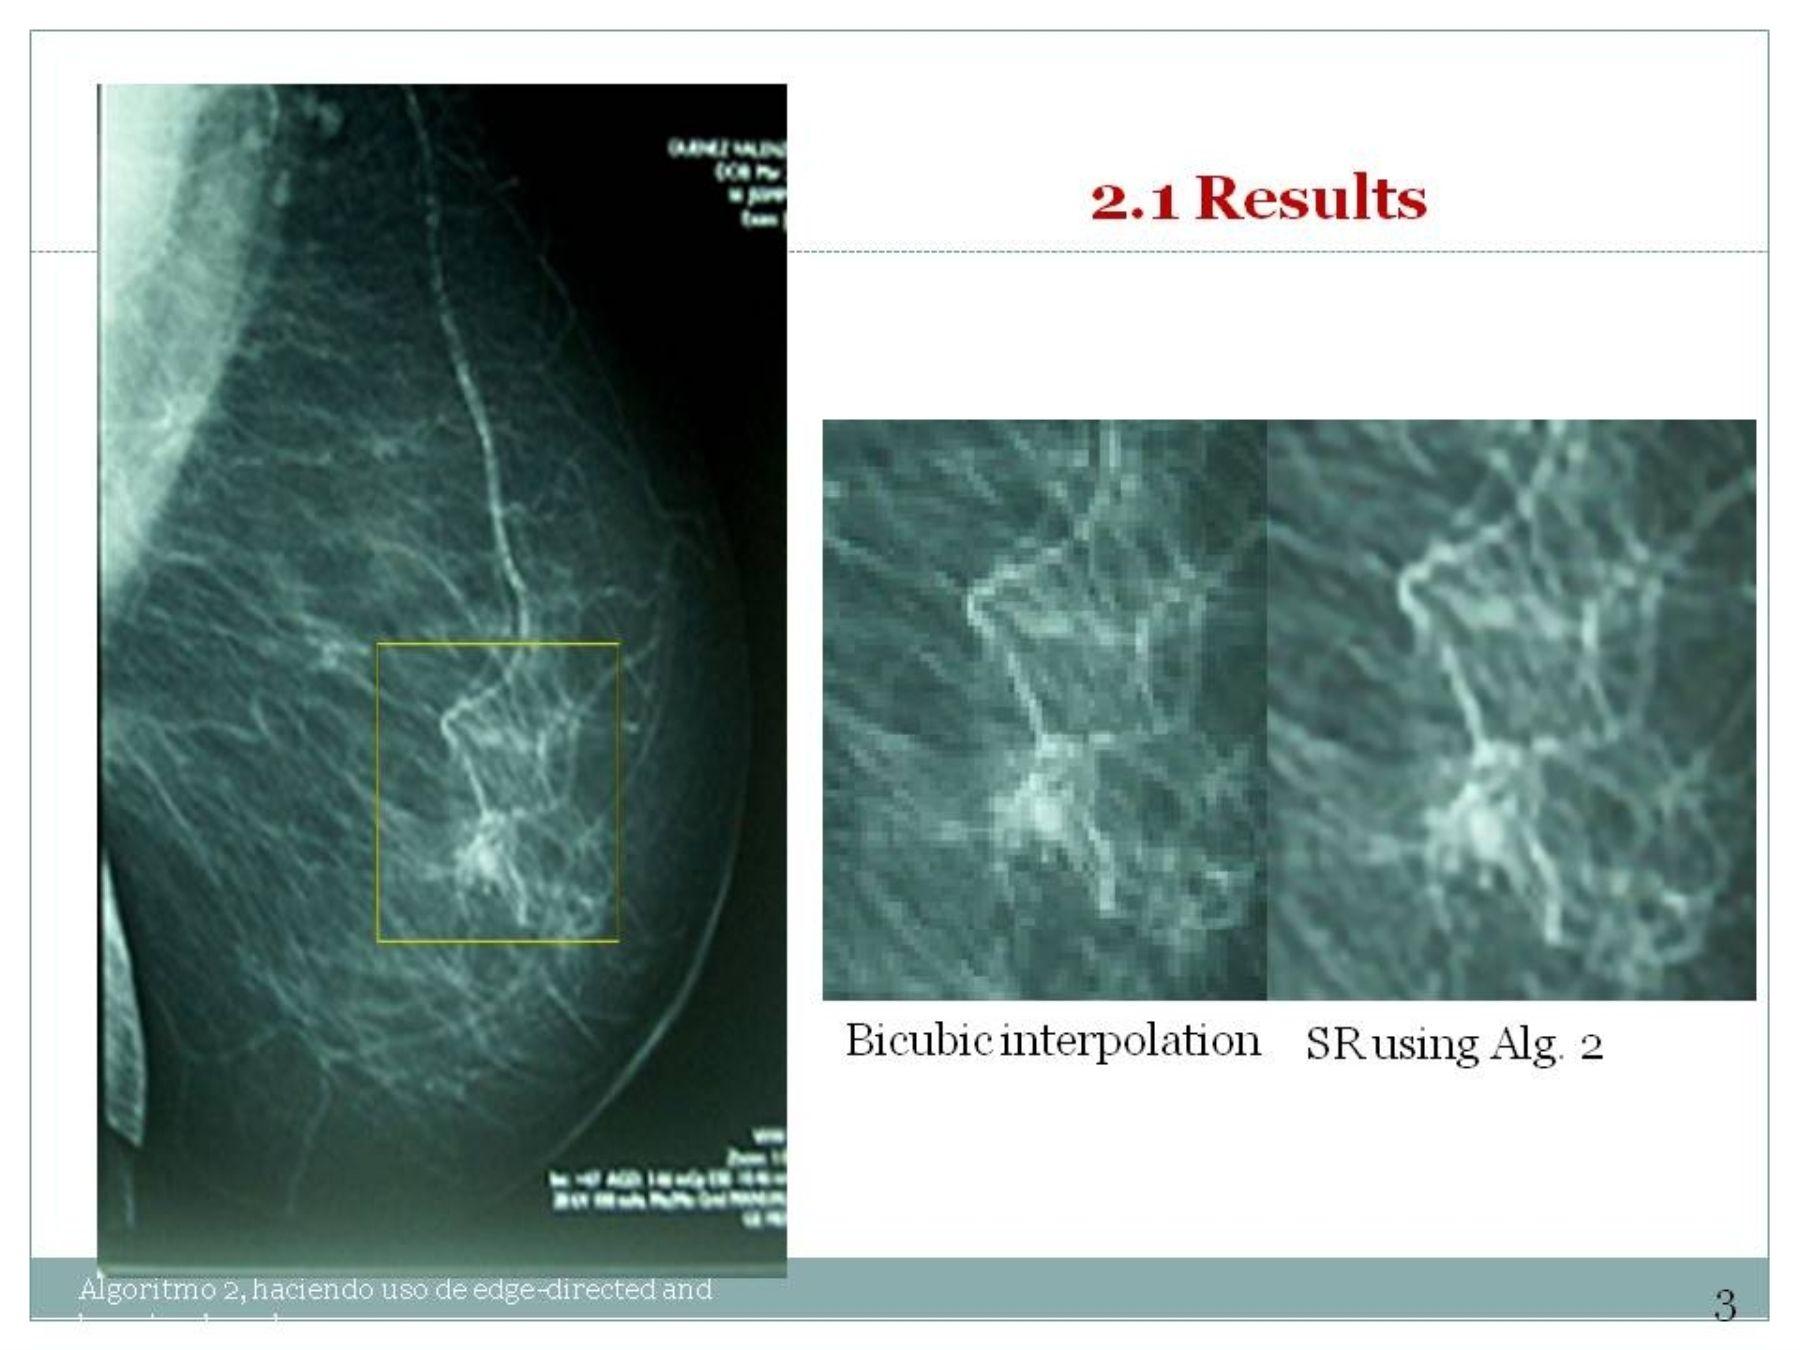 Innovador software creado por investigadores peruanos para mejorar resolución de imágenes de diagnóstico médico. Foto: FINCyT